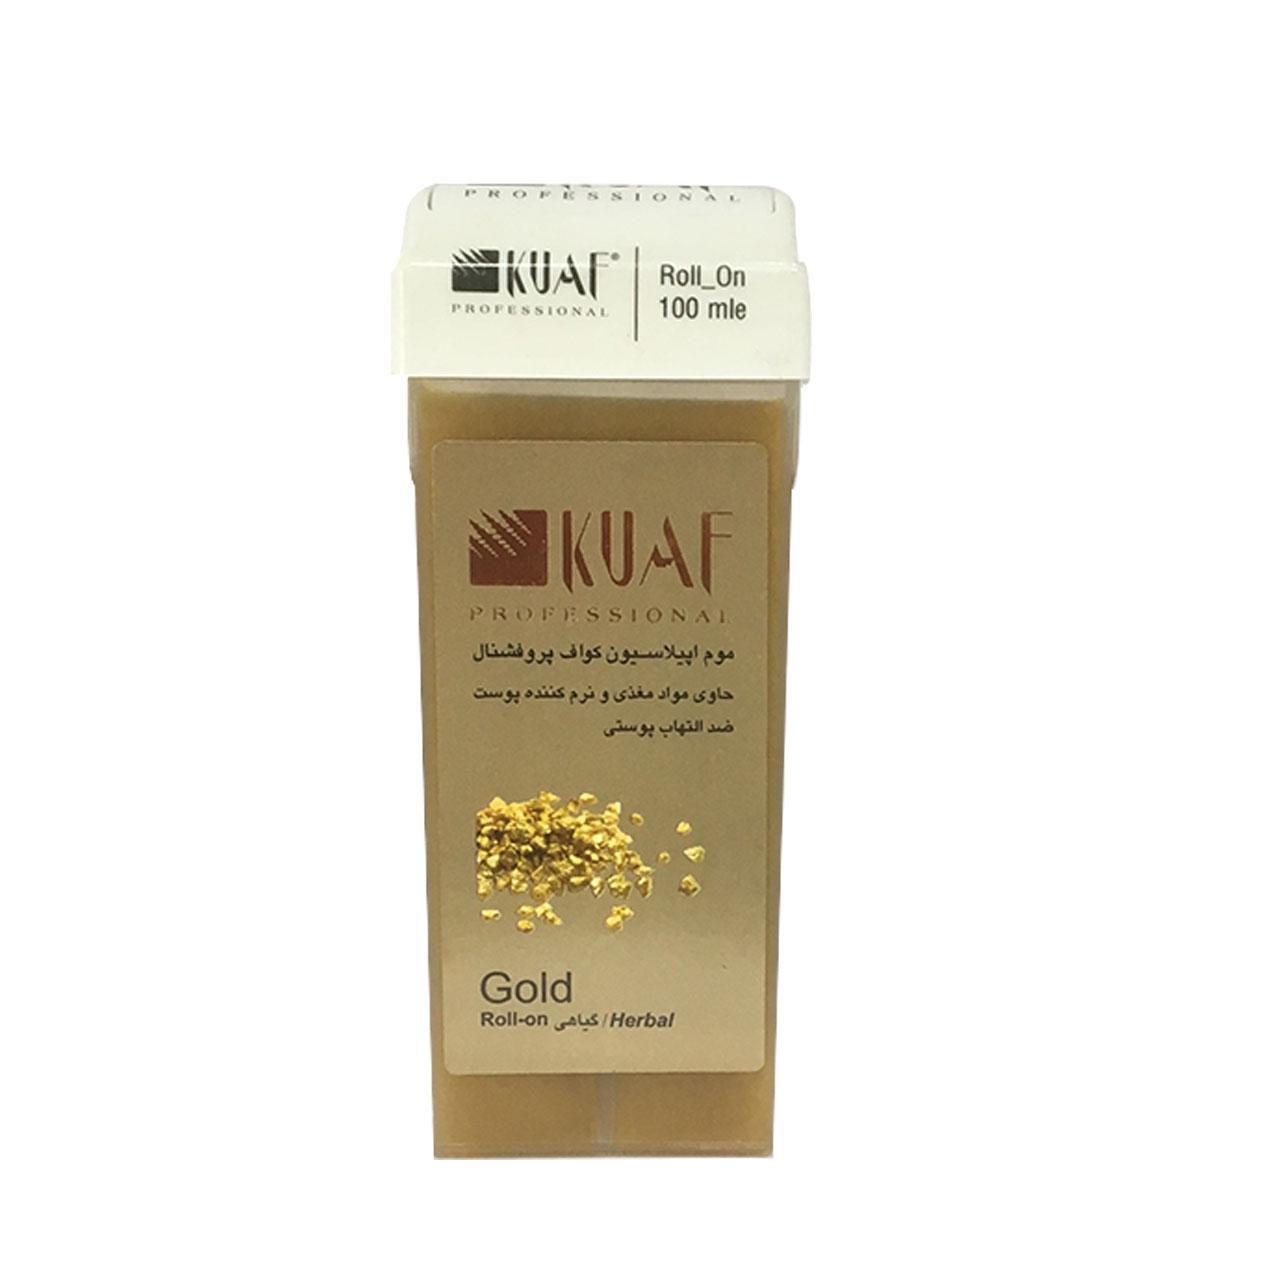 خرید                      موم موبر کواف مدل Gold حجم 100 میلی لیتر              ✅